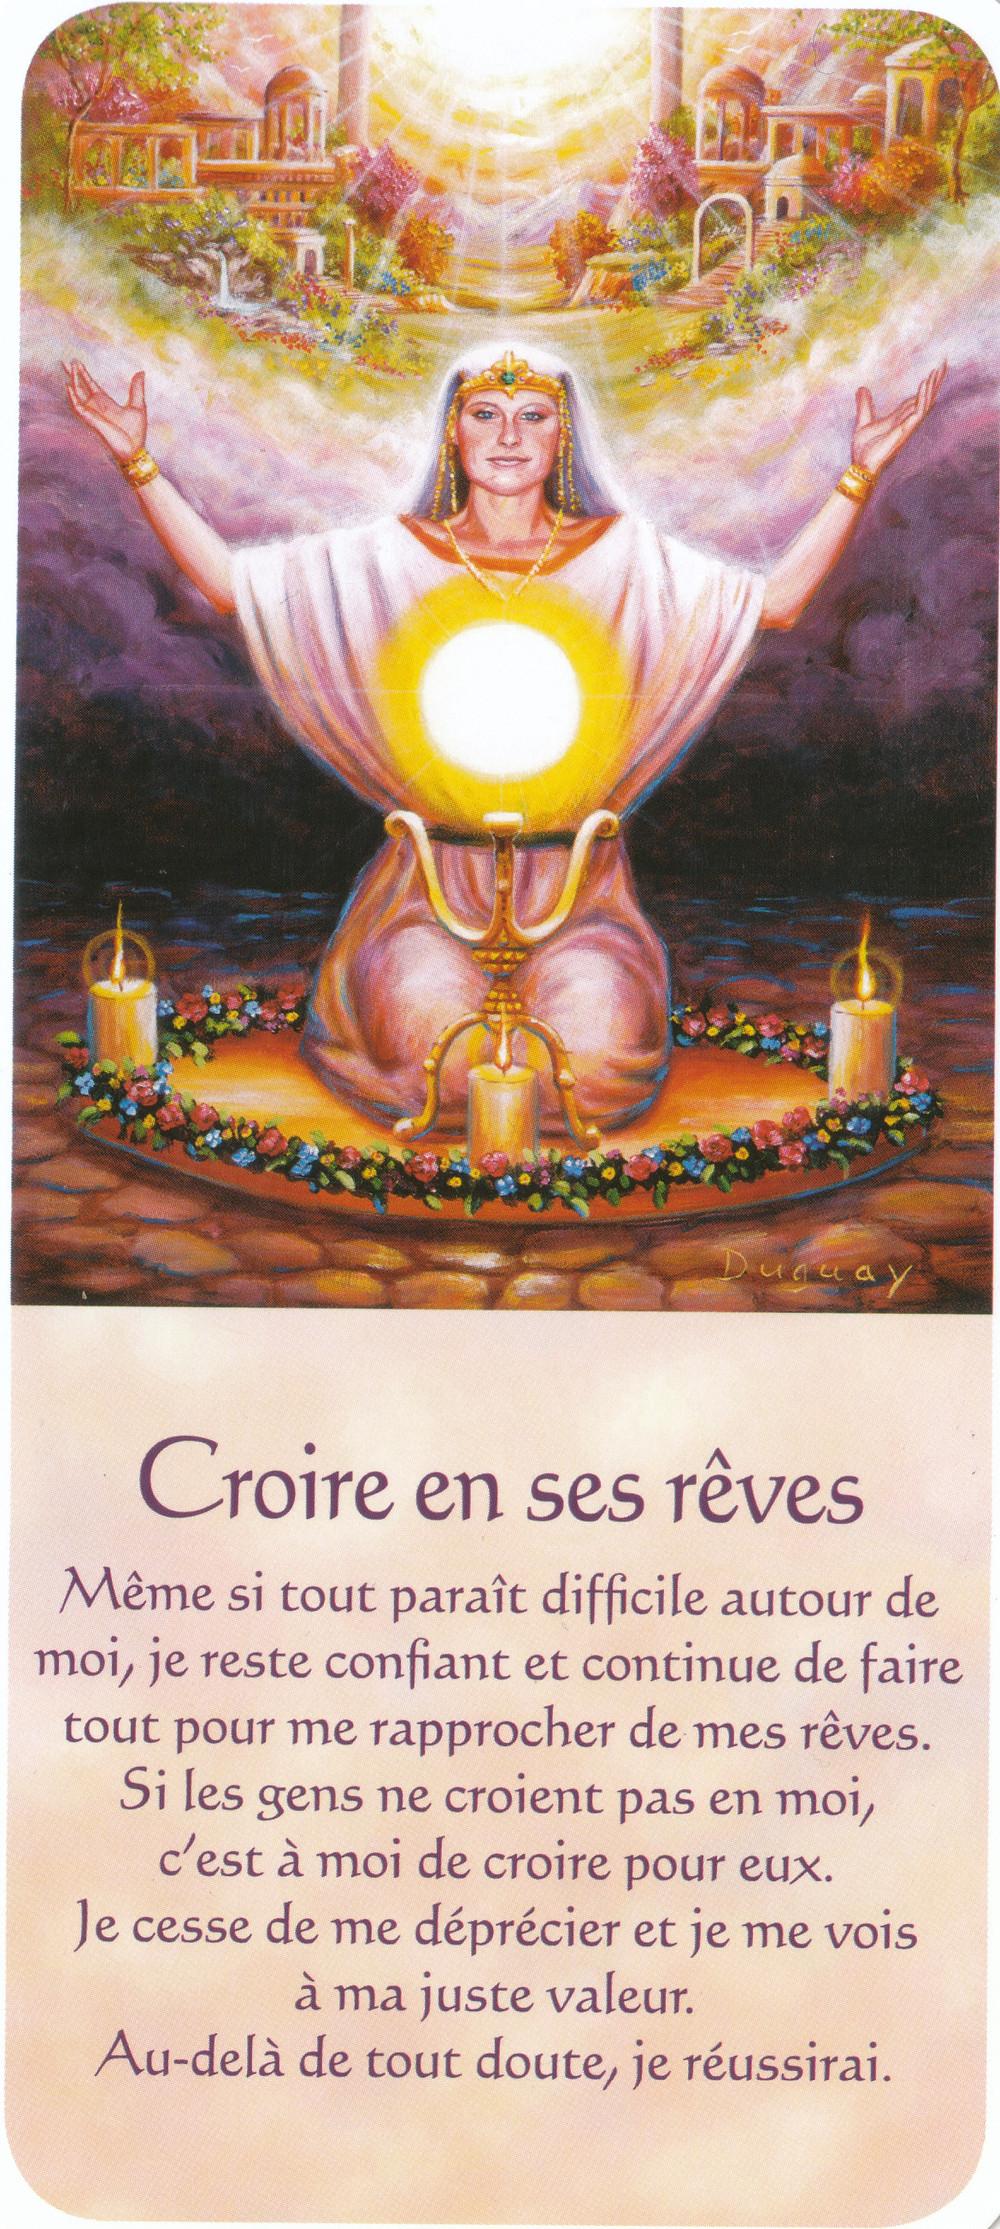 Carte tirée de Messages d'Eveil, de Mario Duguay - Croire en ses rêves